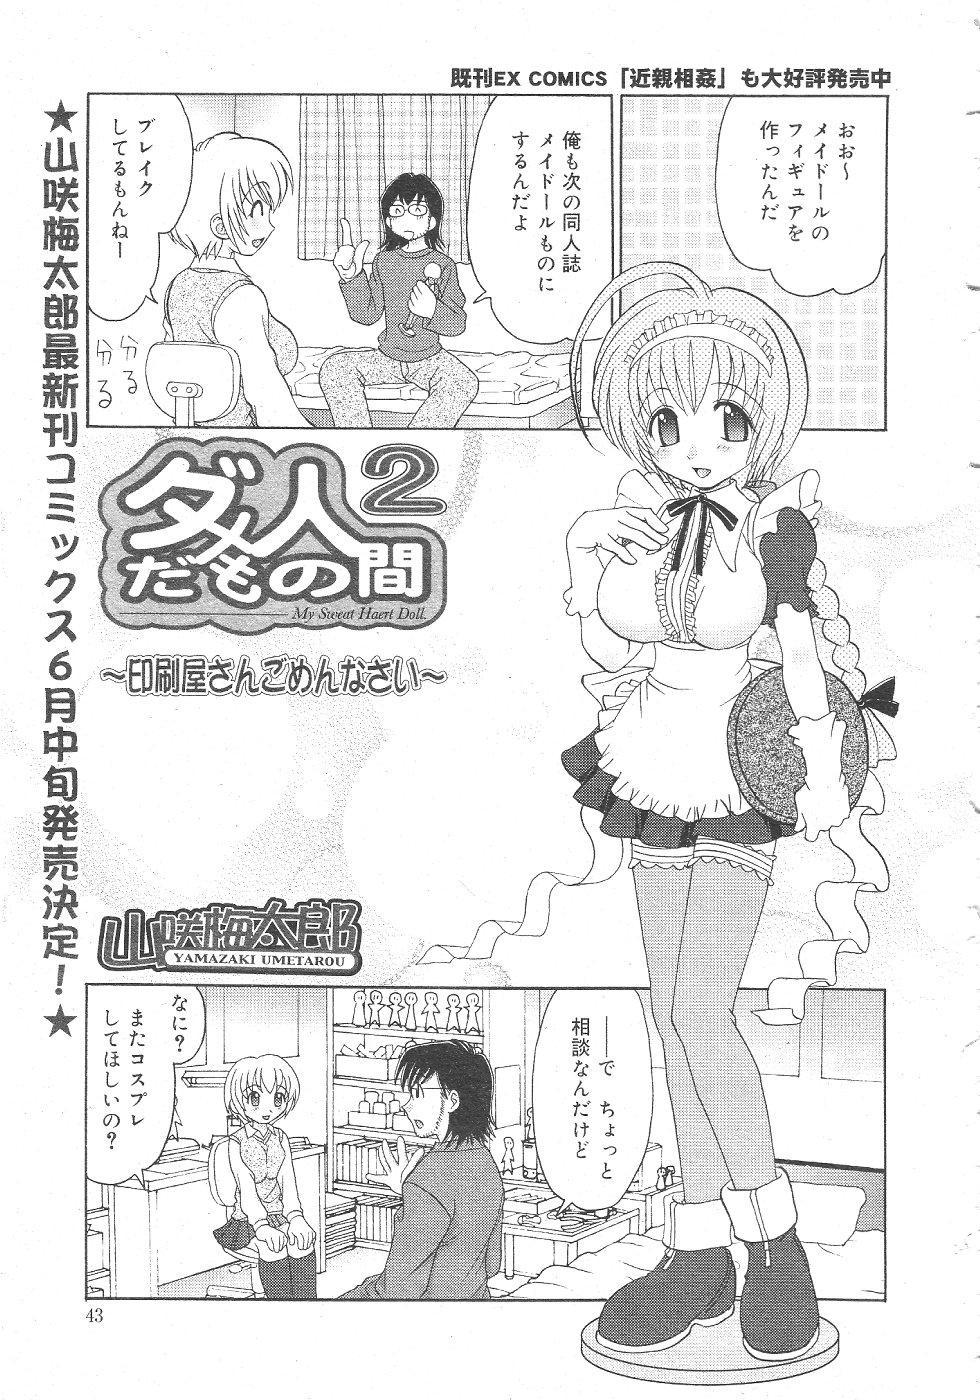 Gekkan Comic Muga 2004-06 Vol.10 46